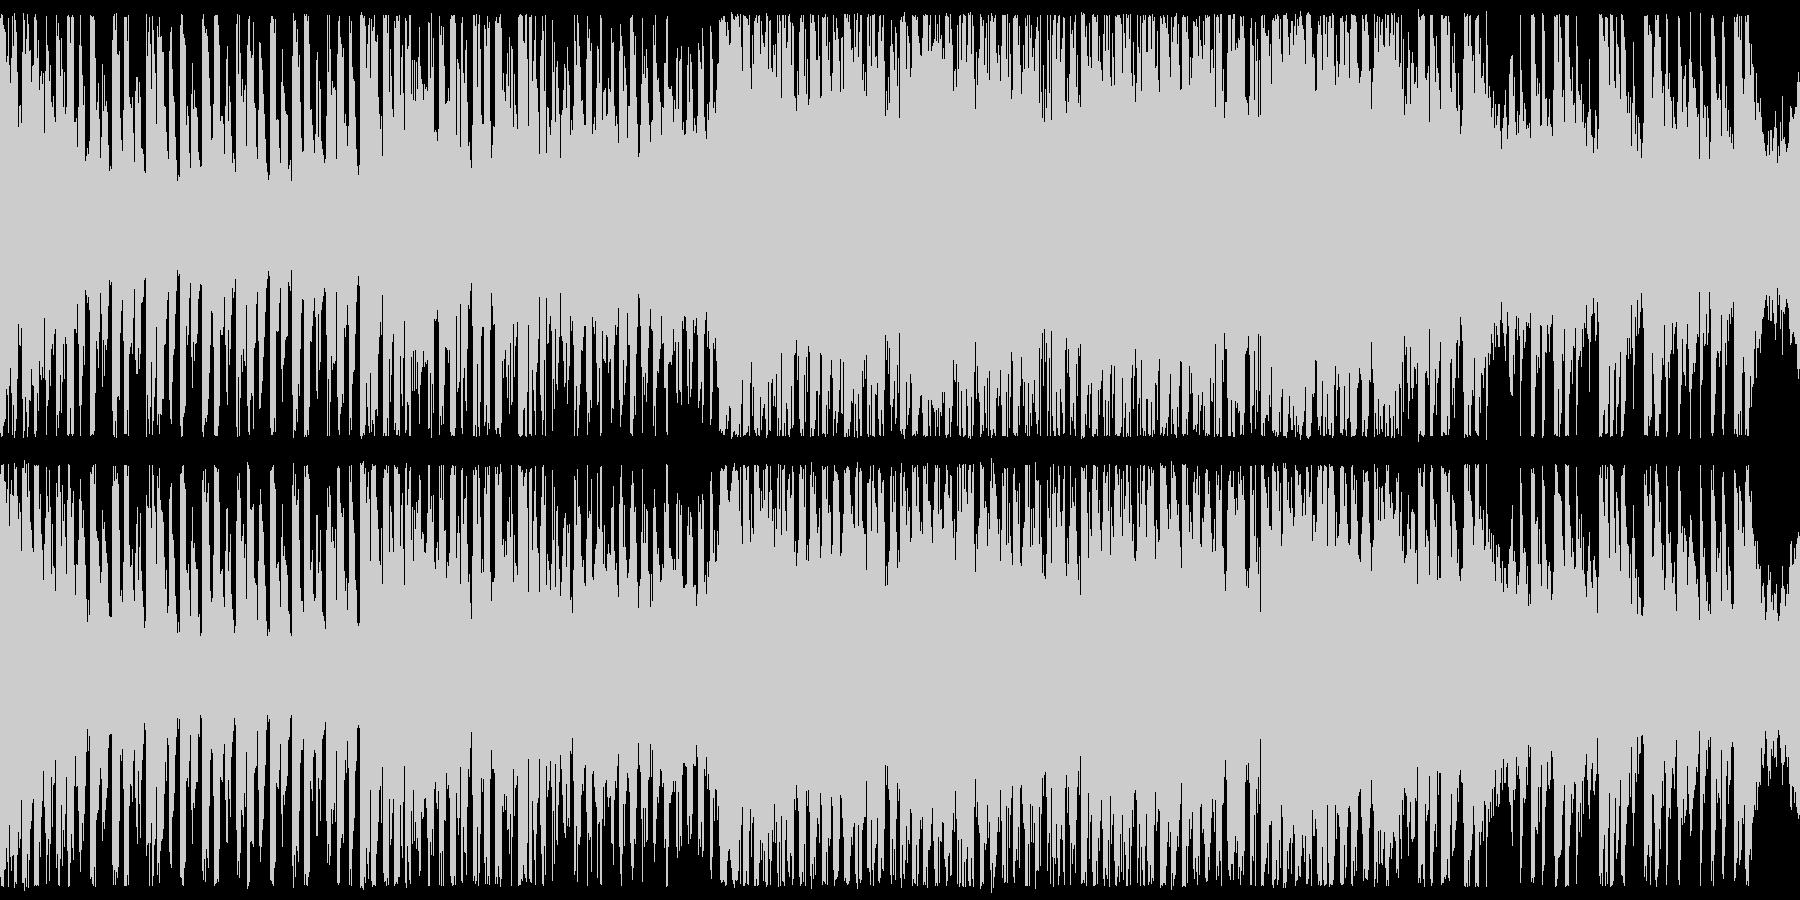 ループ、対戦、シューティング、BGMの未再生の波形